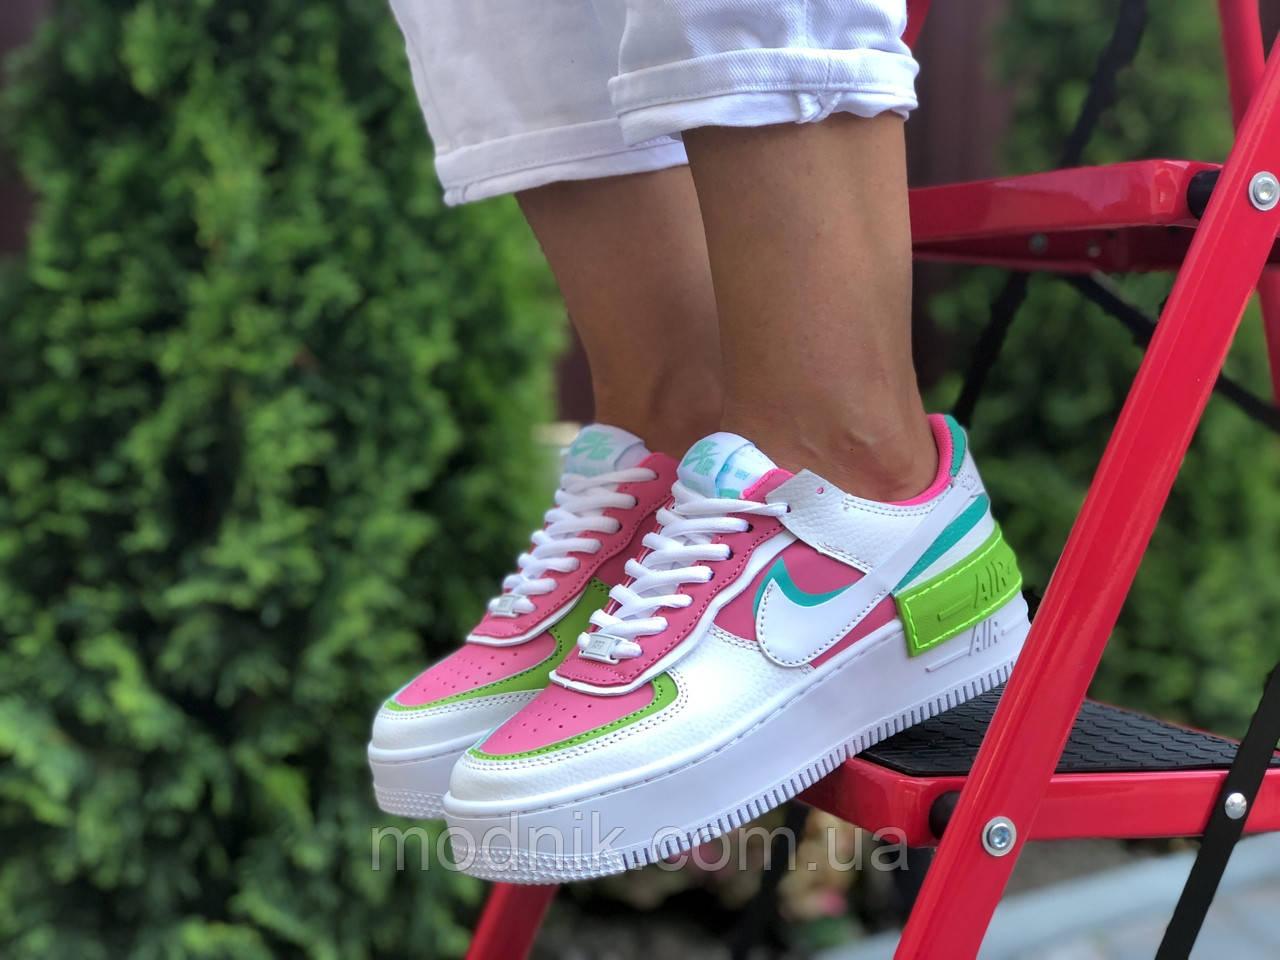 Женские кроссовки Nike Air Force 1 Shadow (бело-малиновые с салатовым) 9662